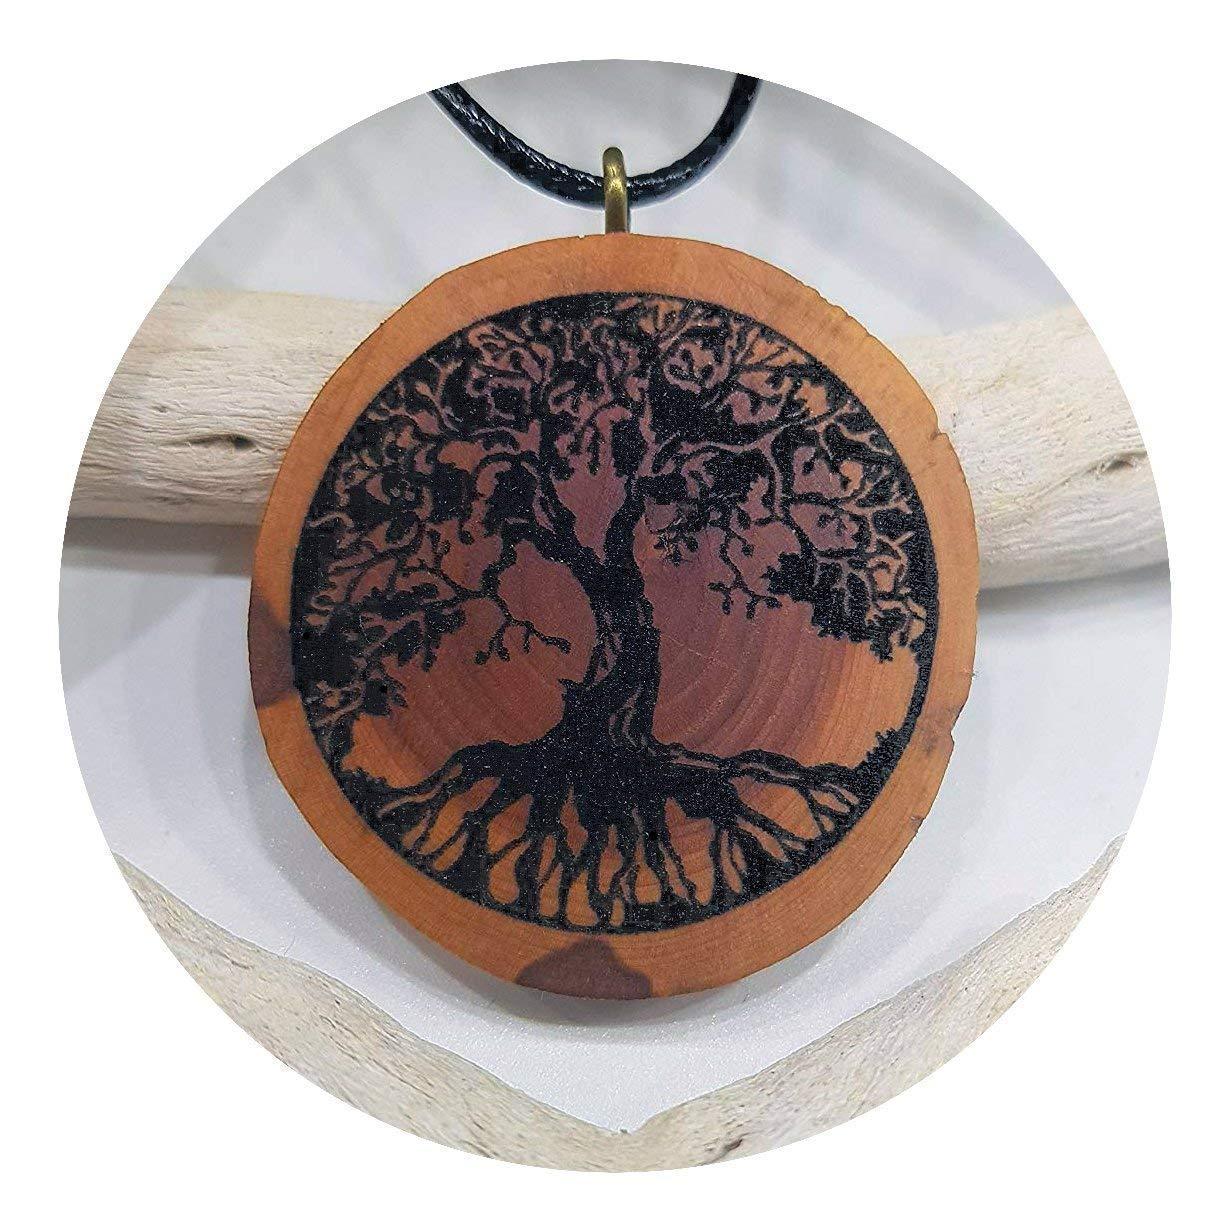 La natura SOULSLICES Albero della vita OM 9 Catena di legno Ciondolo in legno Decorazione di rami Donne Incisione Yoga Significato Sostenibile Vegan Le signore Gioielli naturali